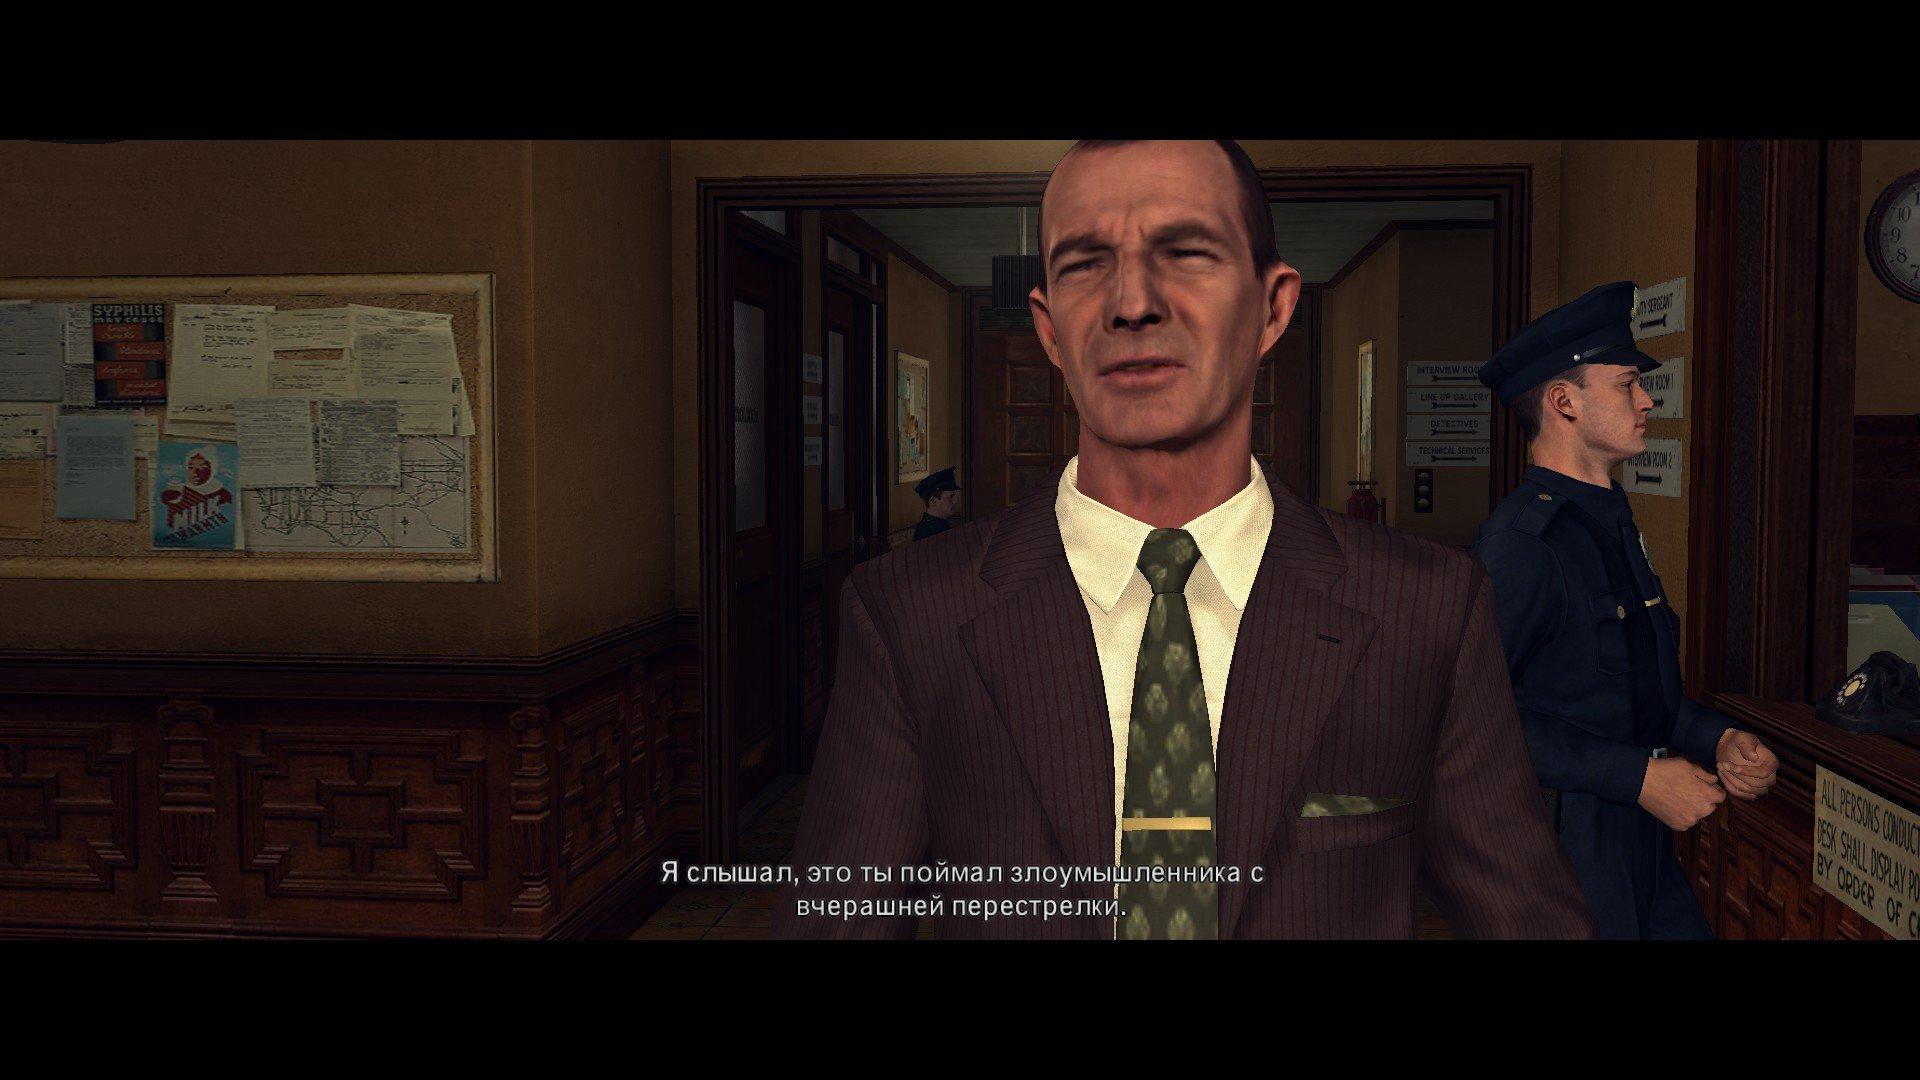 Пост-прохождение L.A. Noire Часть 2 - Изображение 13